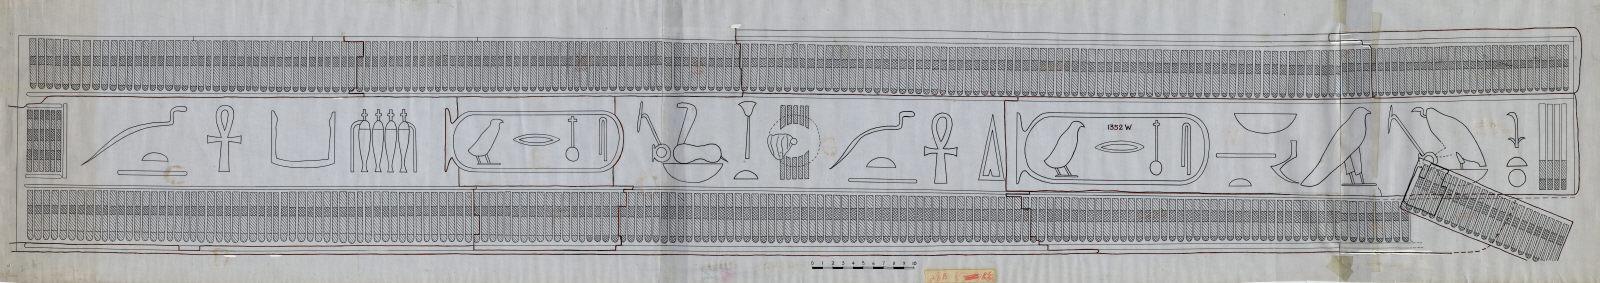 Drawings: G 7000 X: curtain box (reproduction)